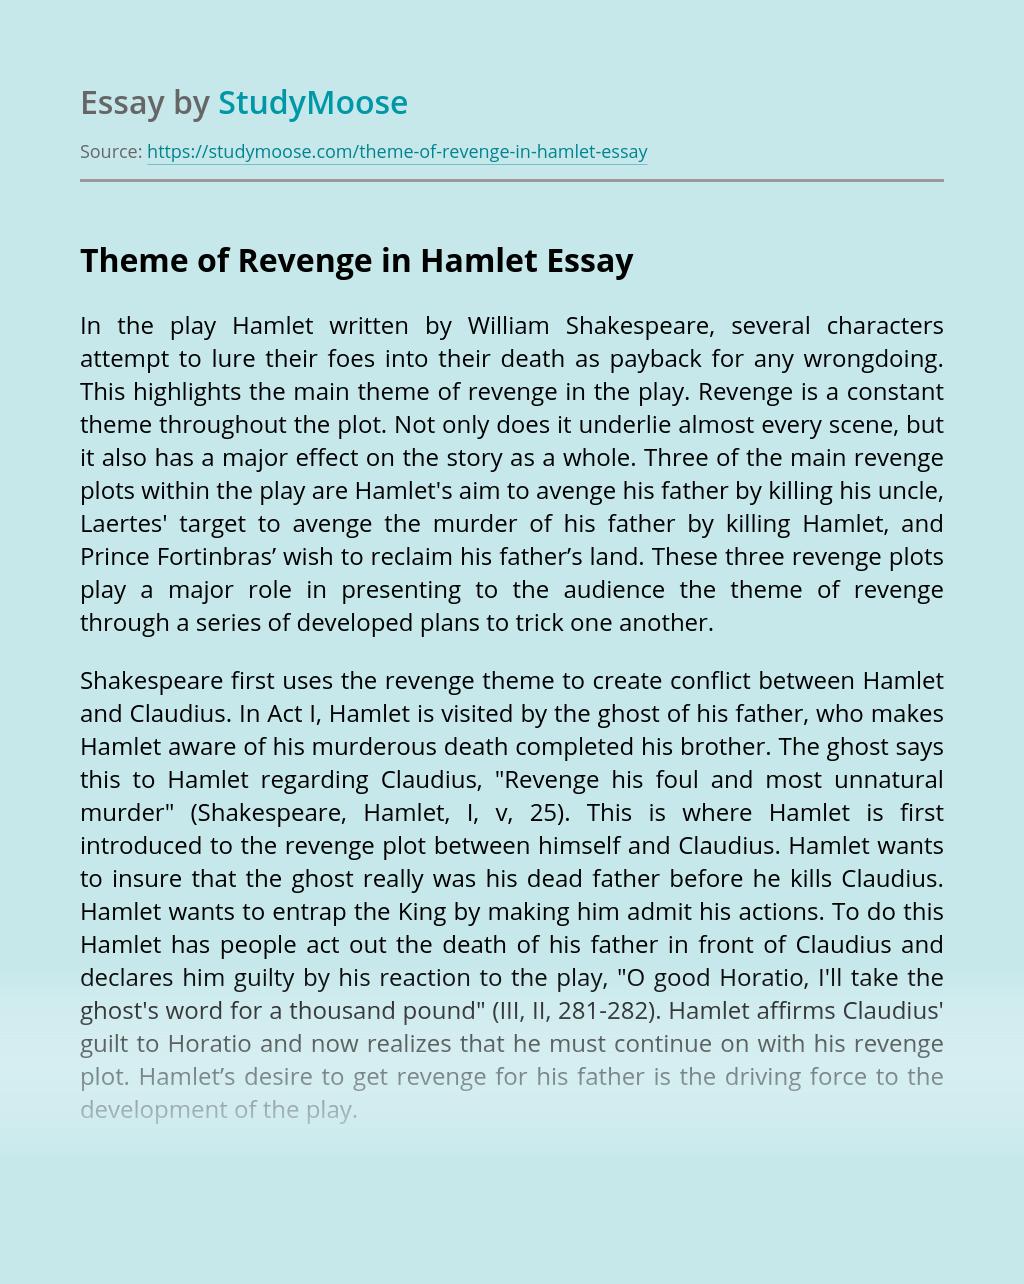 Theme of Revenge in Hamlet